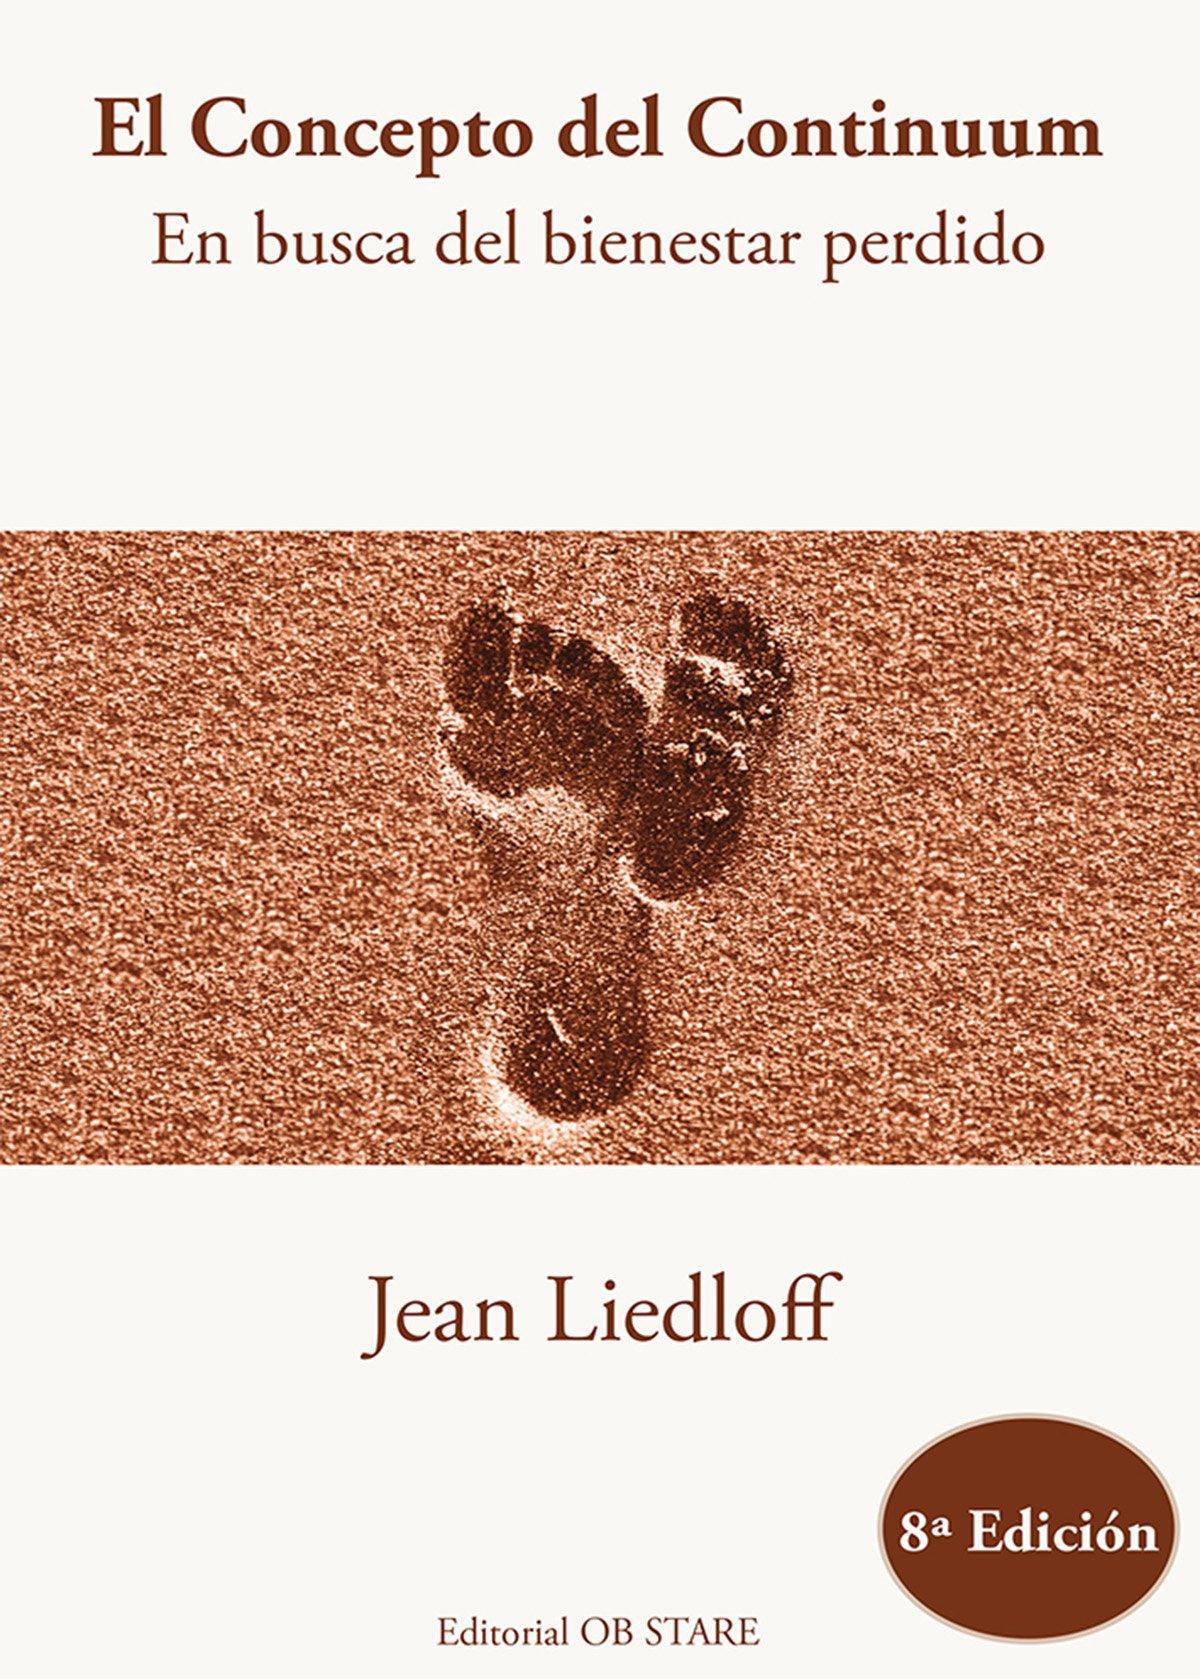 El Concepto del Continuum. En busca del bienestar perdido: Amazon.es: Jean  Liedloff, Jesús Sanz Sánchez, Núria Martí: Libros